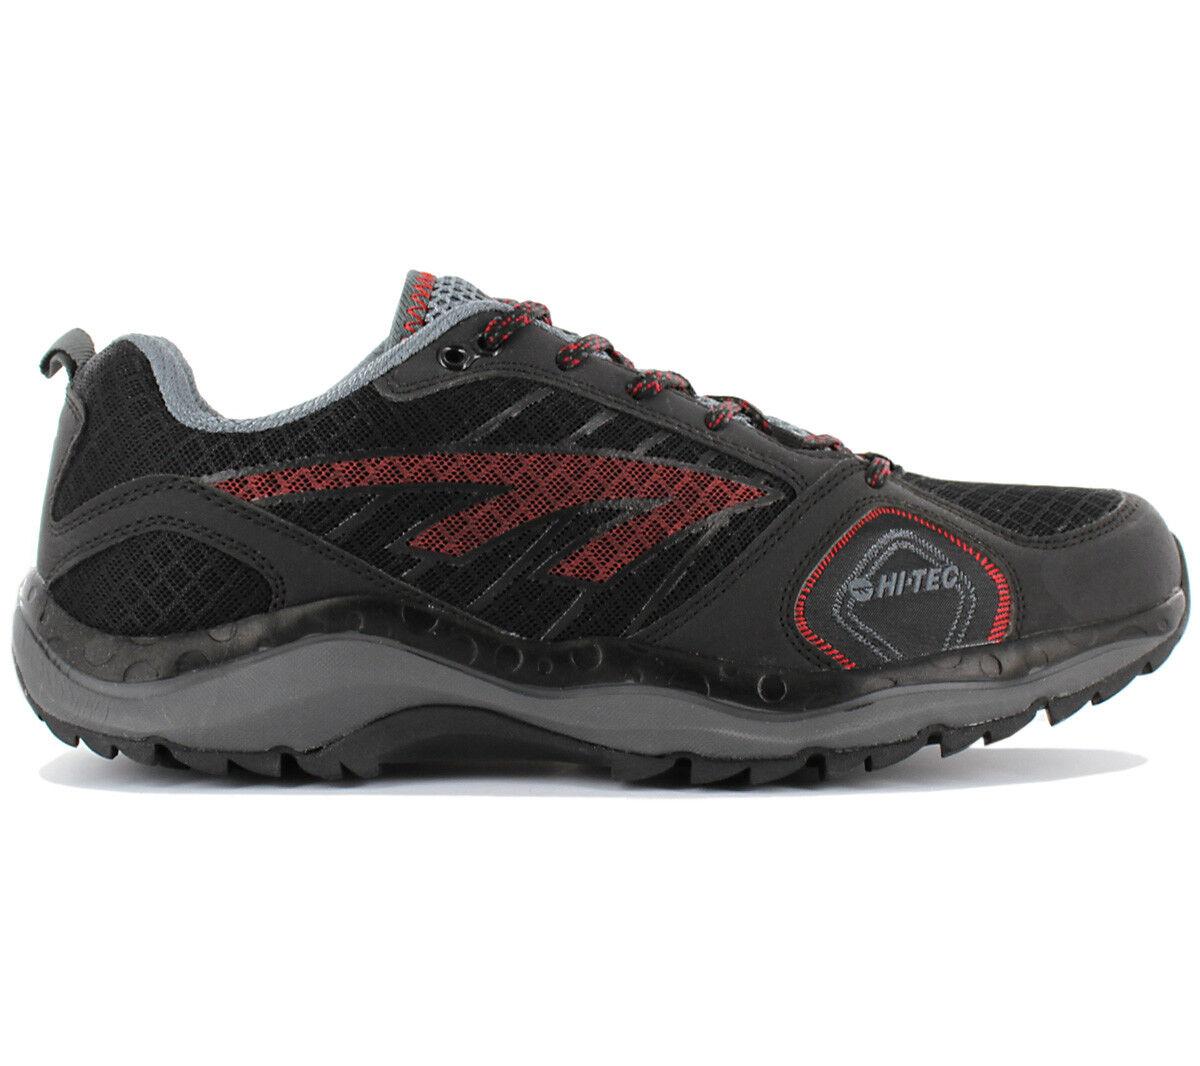 Hi -Tec Haraka Trail's Men's Hiking scarpe Outdoor Trekking  Walking scarpe New  liquidazione fino al 70%